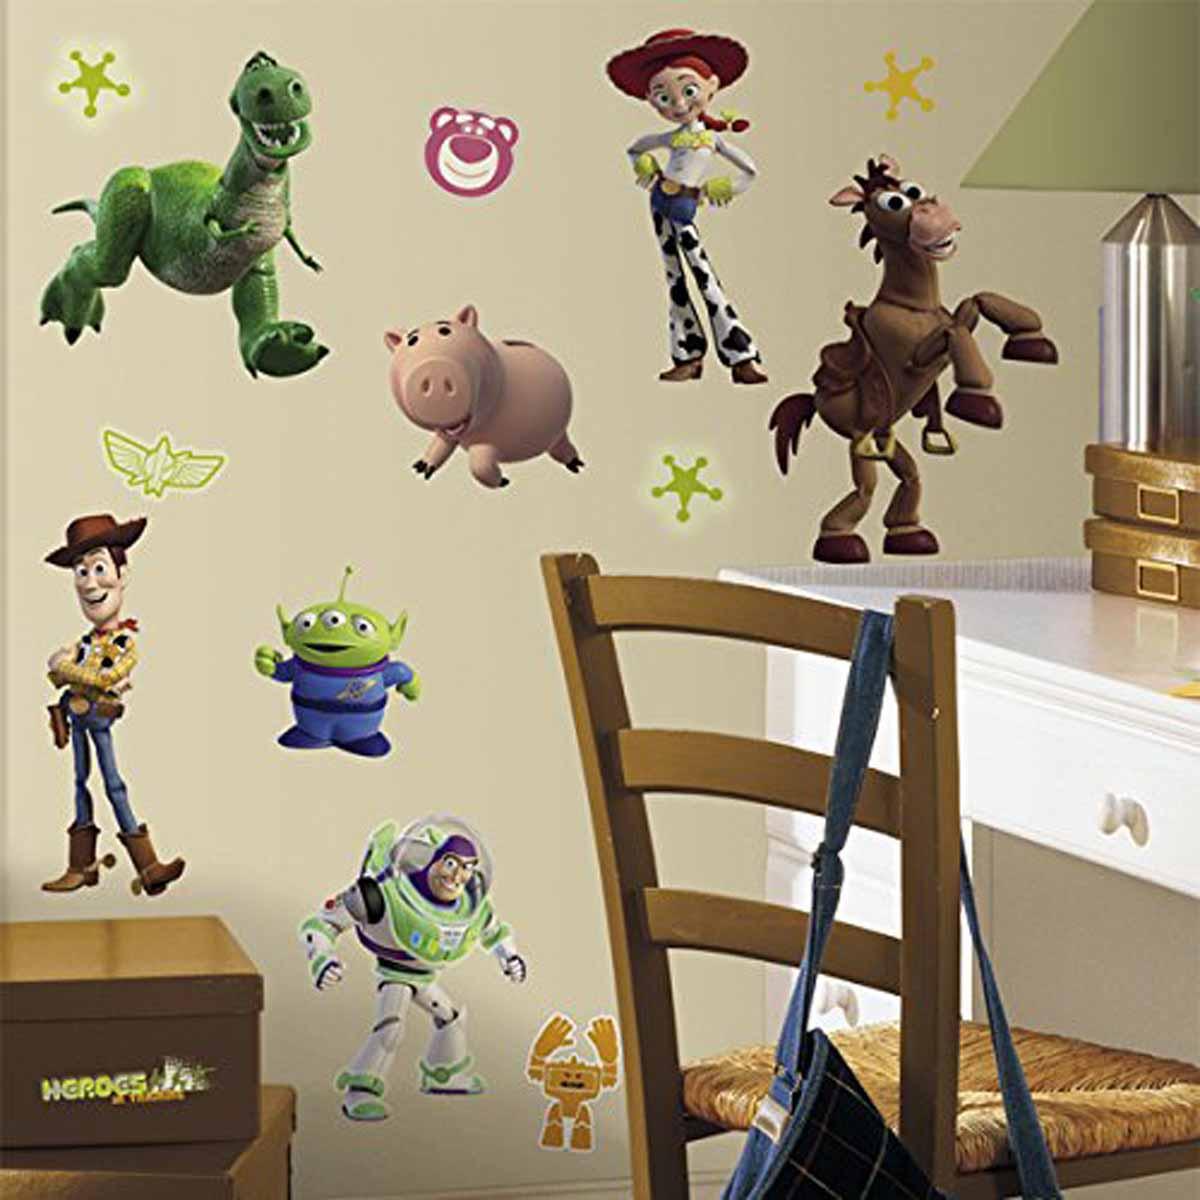 Roommates Наклейка интерьерная История игрушек 3 Большой побег 34 штRMK1428SCSНаклейка интерьерная Roommates История игрушек 3. Большой побег обязательно станет украшением вашей квартиры. Придайте комнате оригинальный и веселый вид с новым набором наклеек для декора. Наклейки, входящие в набор, изображают основных персонажей знаменитого мультфильма История игрушек 3. Большой побег. Некоторые из стикеров светятся в темноте! Всего в наборе 34 стикера. Наклейки не нужно вырезать - их следует просто отсоединить от защитного слоя и поместить на стену или любую другую плоскую гладкую поверхность. Наклейки многоразовые: их легко переклеивать и снимать со стены, они не оставляют липких следов на поверхности. В каждой индивидуальной упаковке вы можете найти 4 листа с различными наклейками.